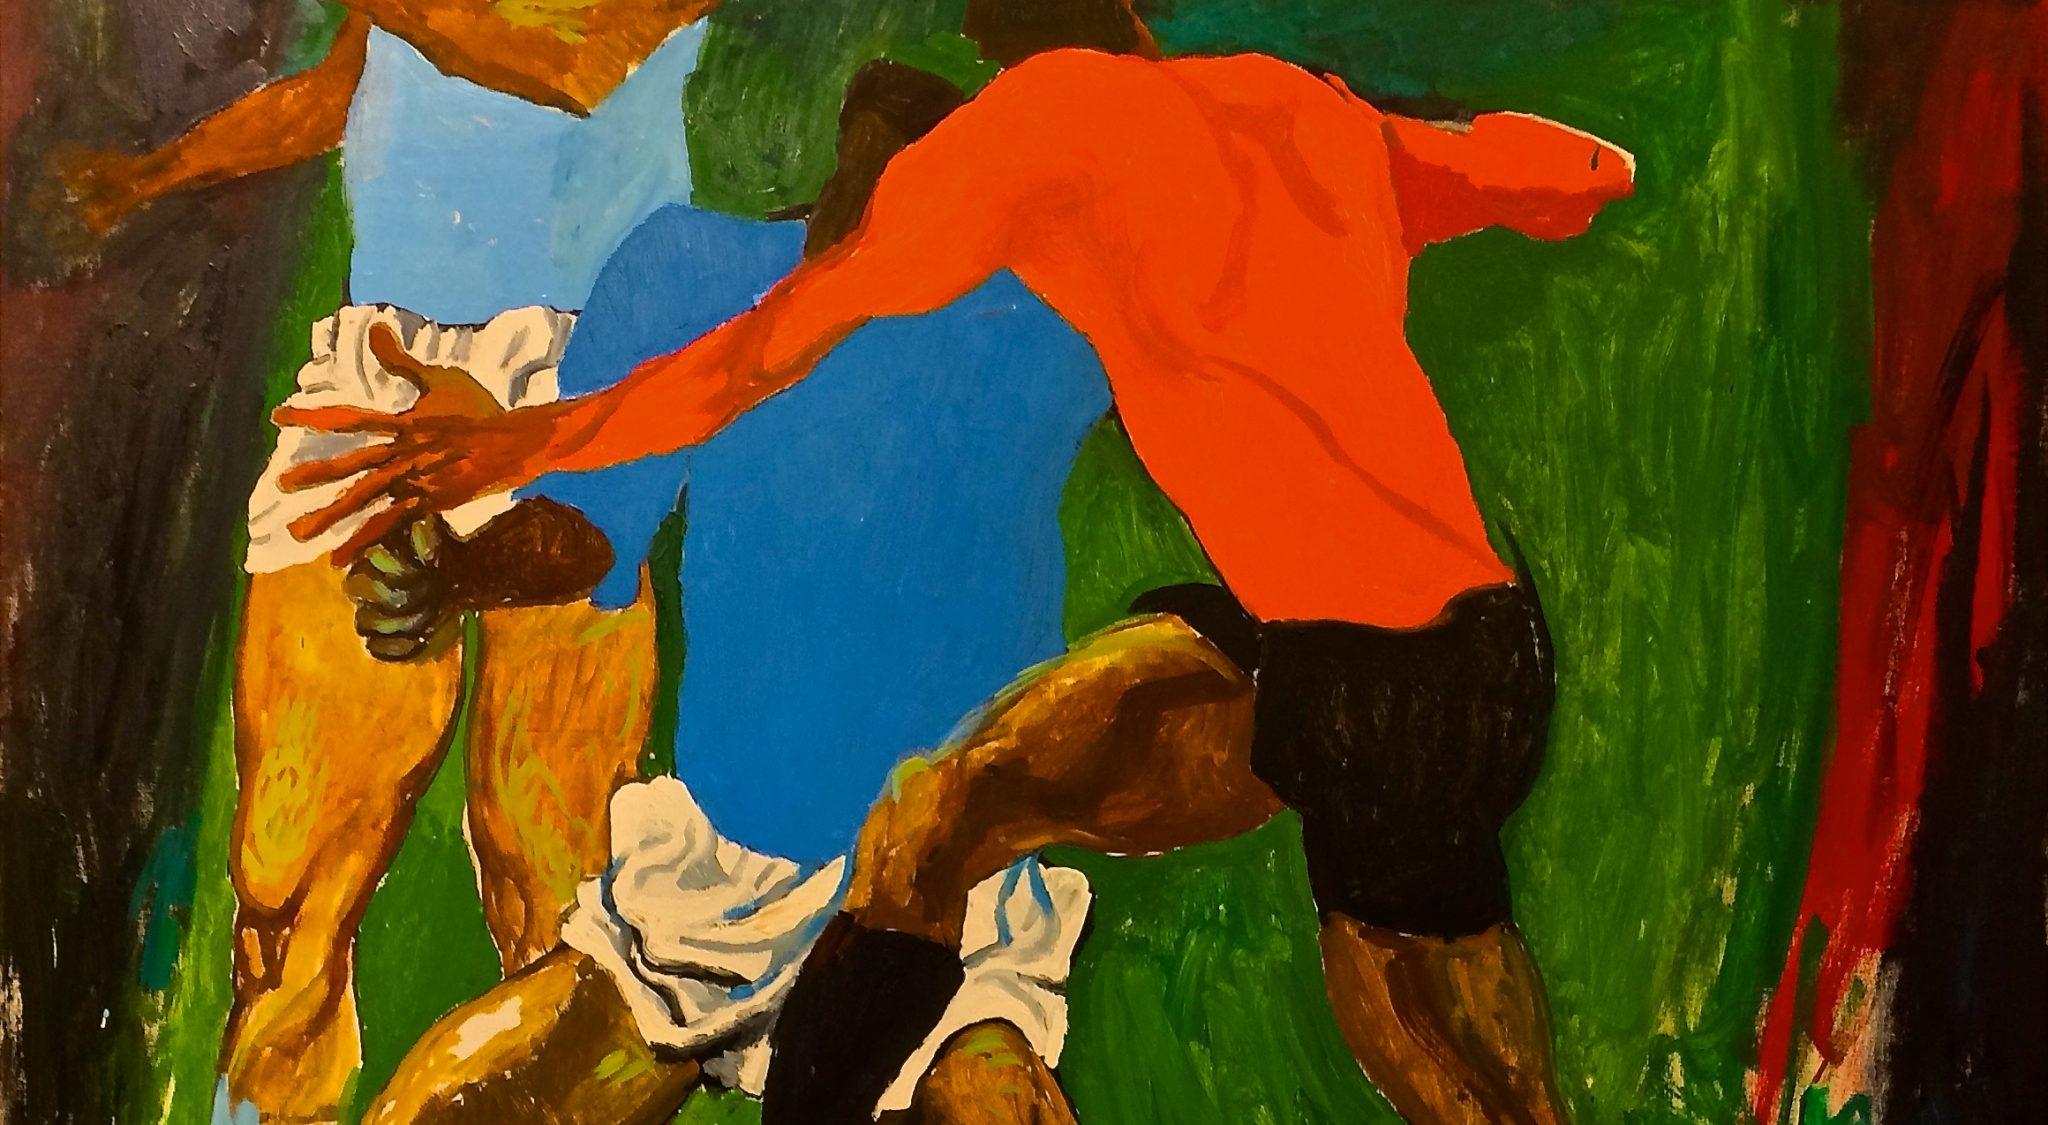 Guttuso allo Stadio Olimpico. Quattro dipinti del grande artista in mostra in occasione di Lazio – Atalanta